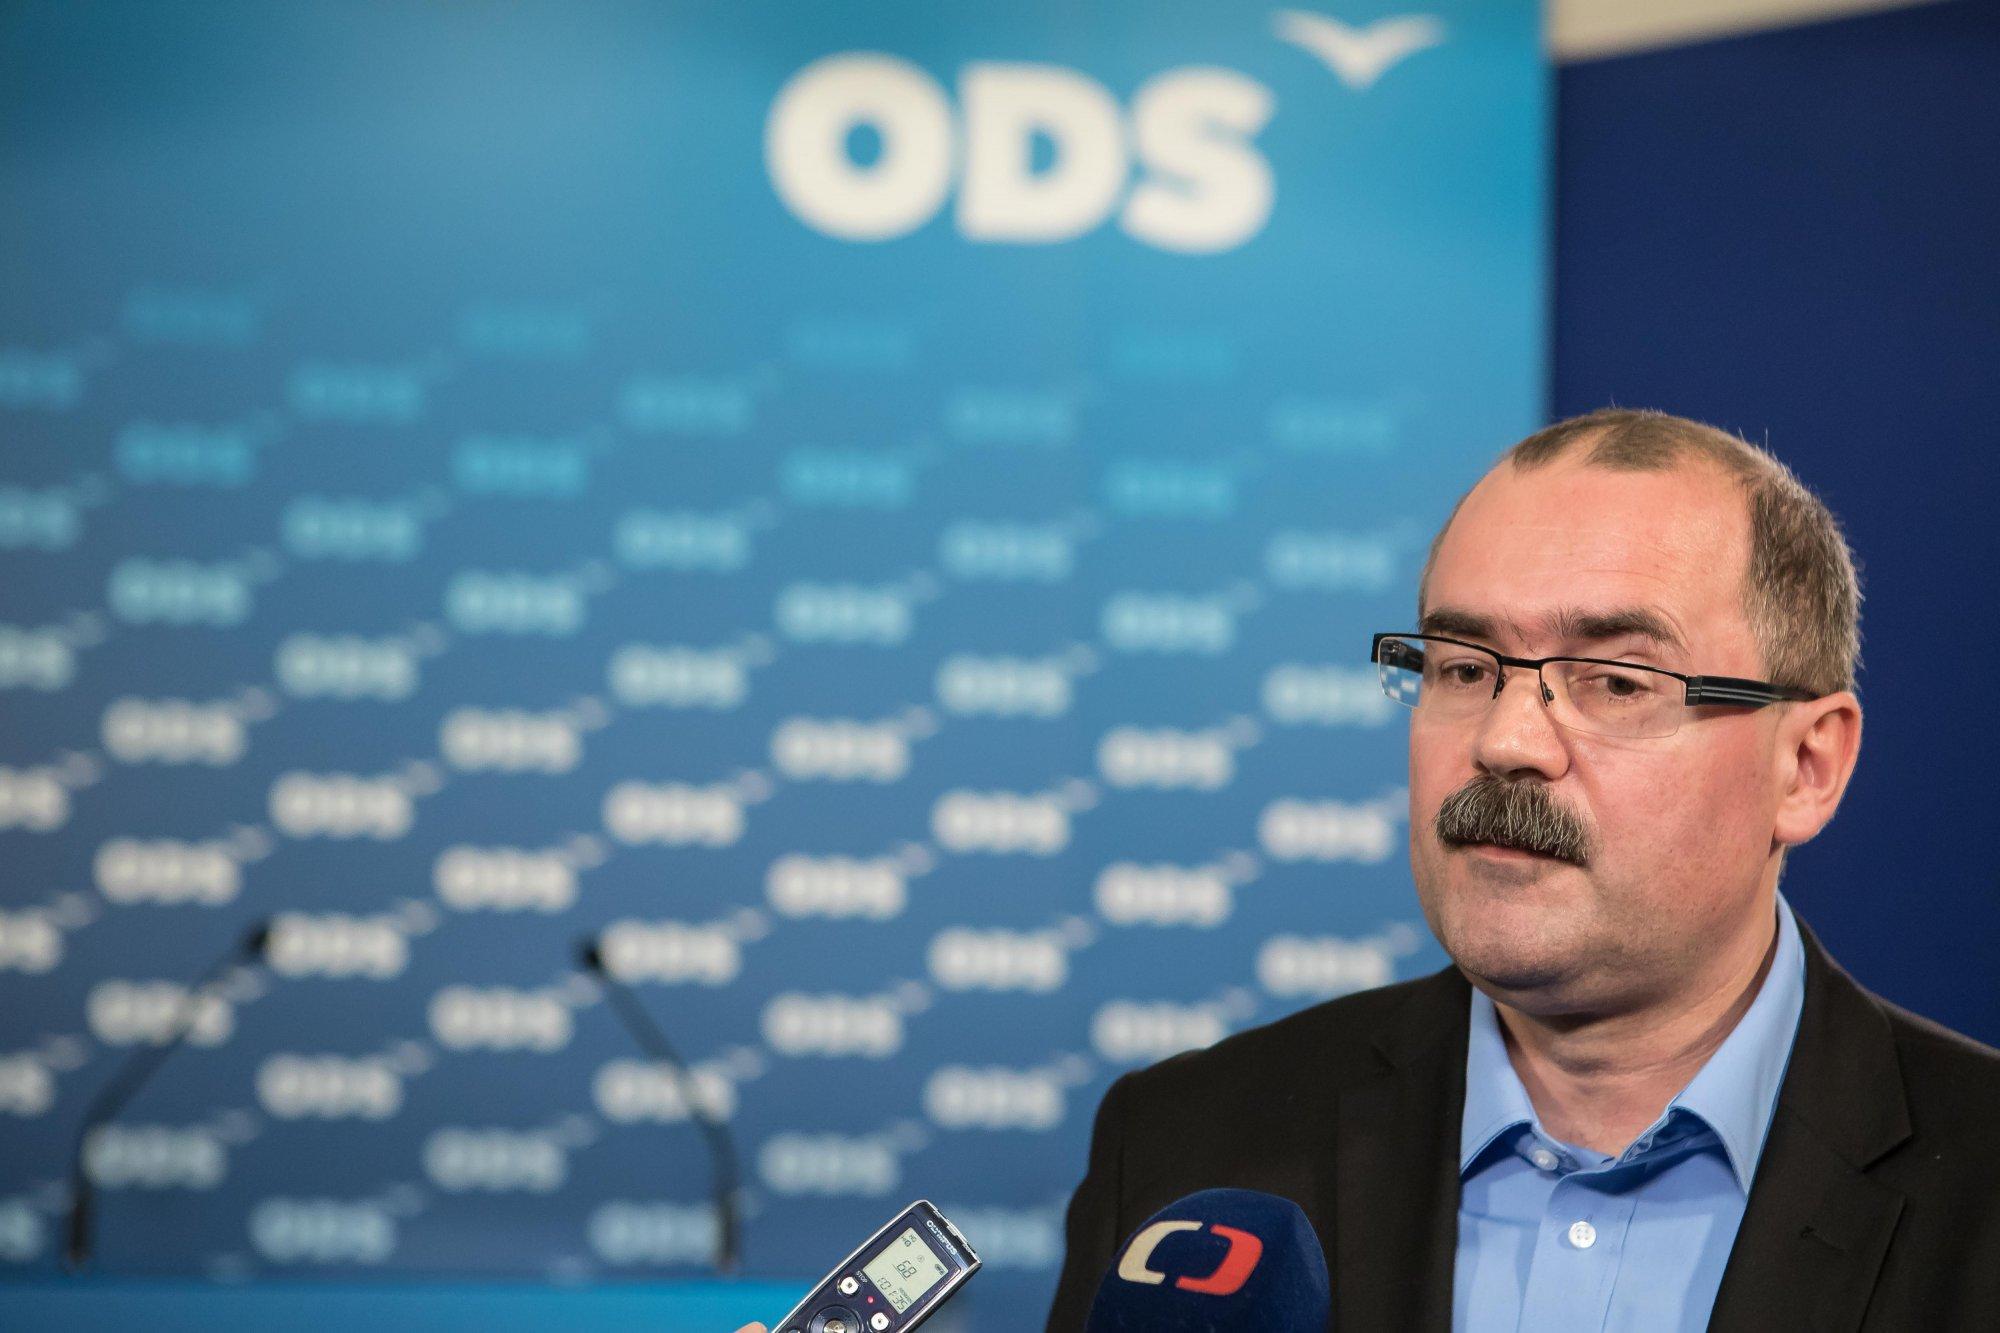 Písemná interpelace na ministra vnitra ve věci změn v personálním obsazení v řídících funkcích v rámci HZS ČR